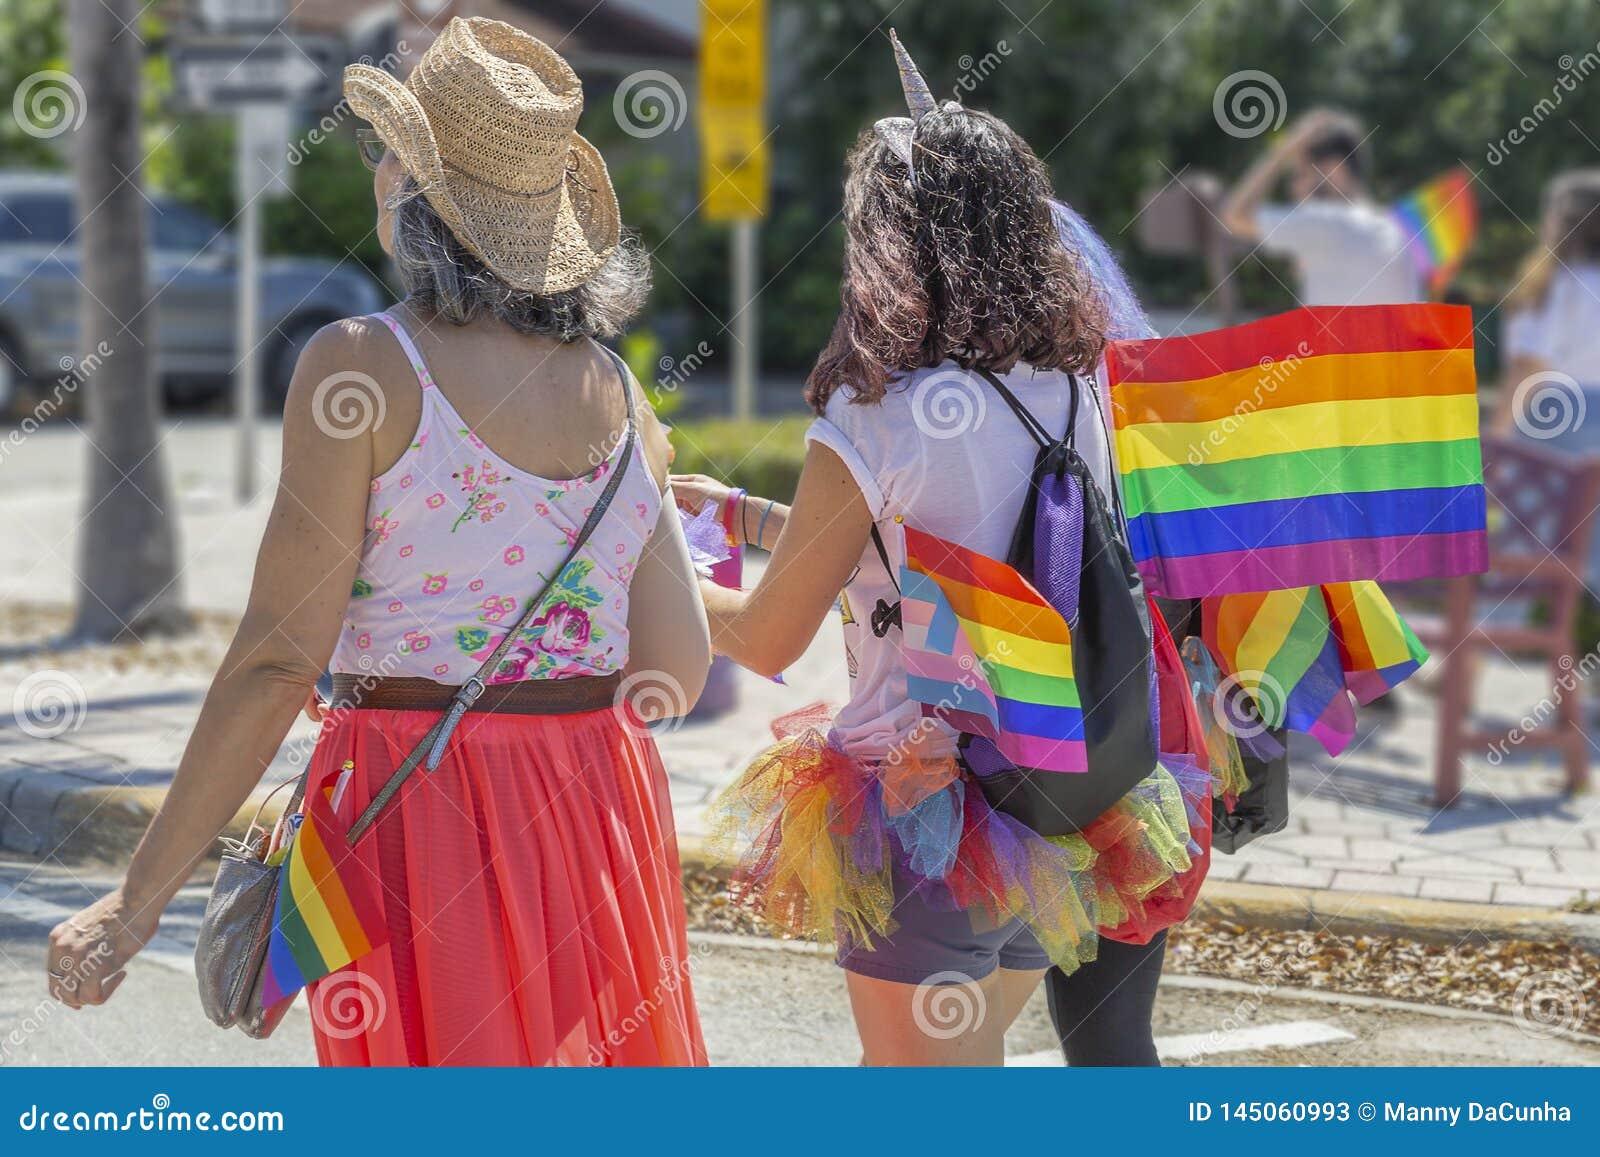 Valeur de lac, la Floride, Etats-Unis le 31 mars 2019 avant, Palm Beach Pride Parade